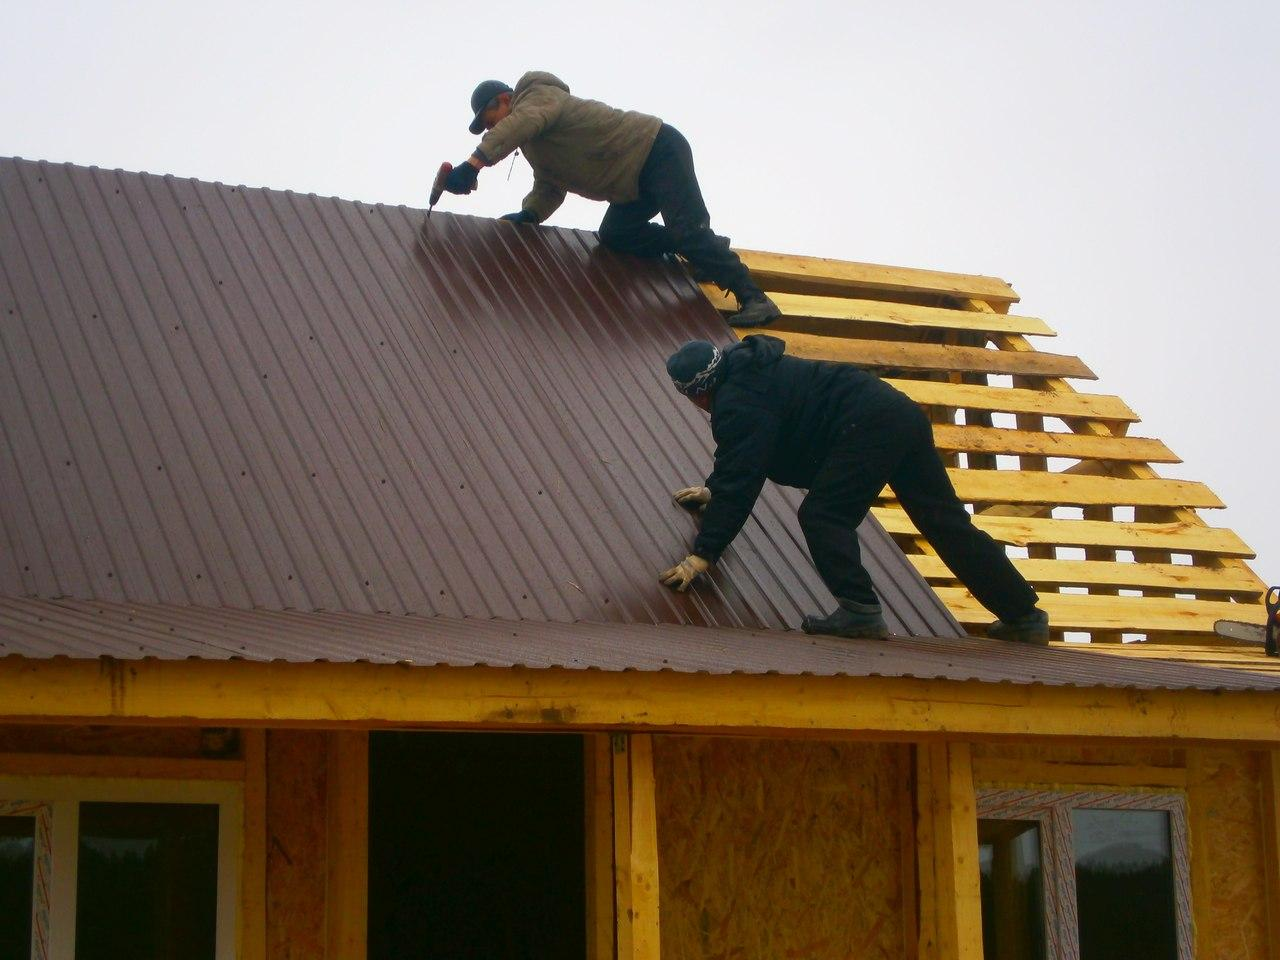 Для работы на крыше выбирайте обувь с нескользкой и мягкой подошвой